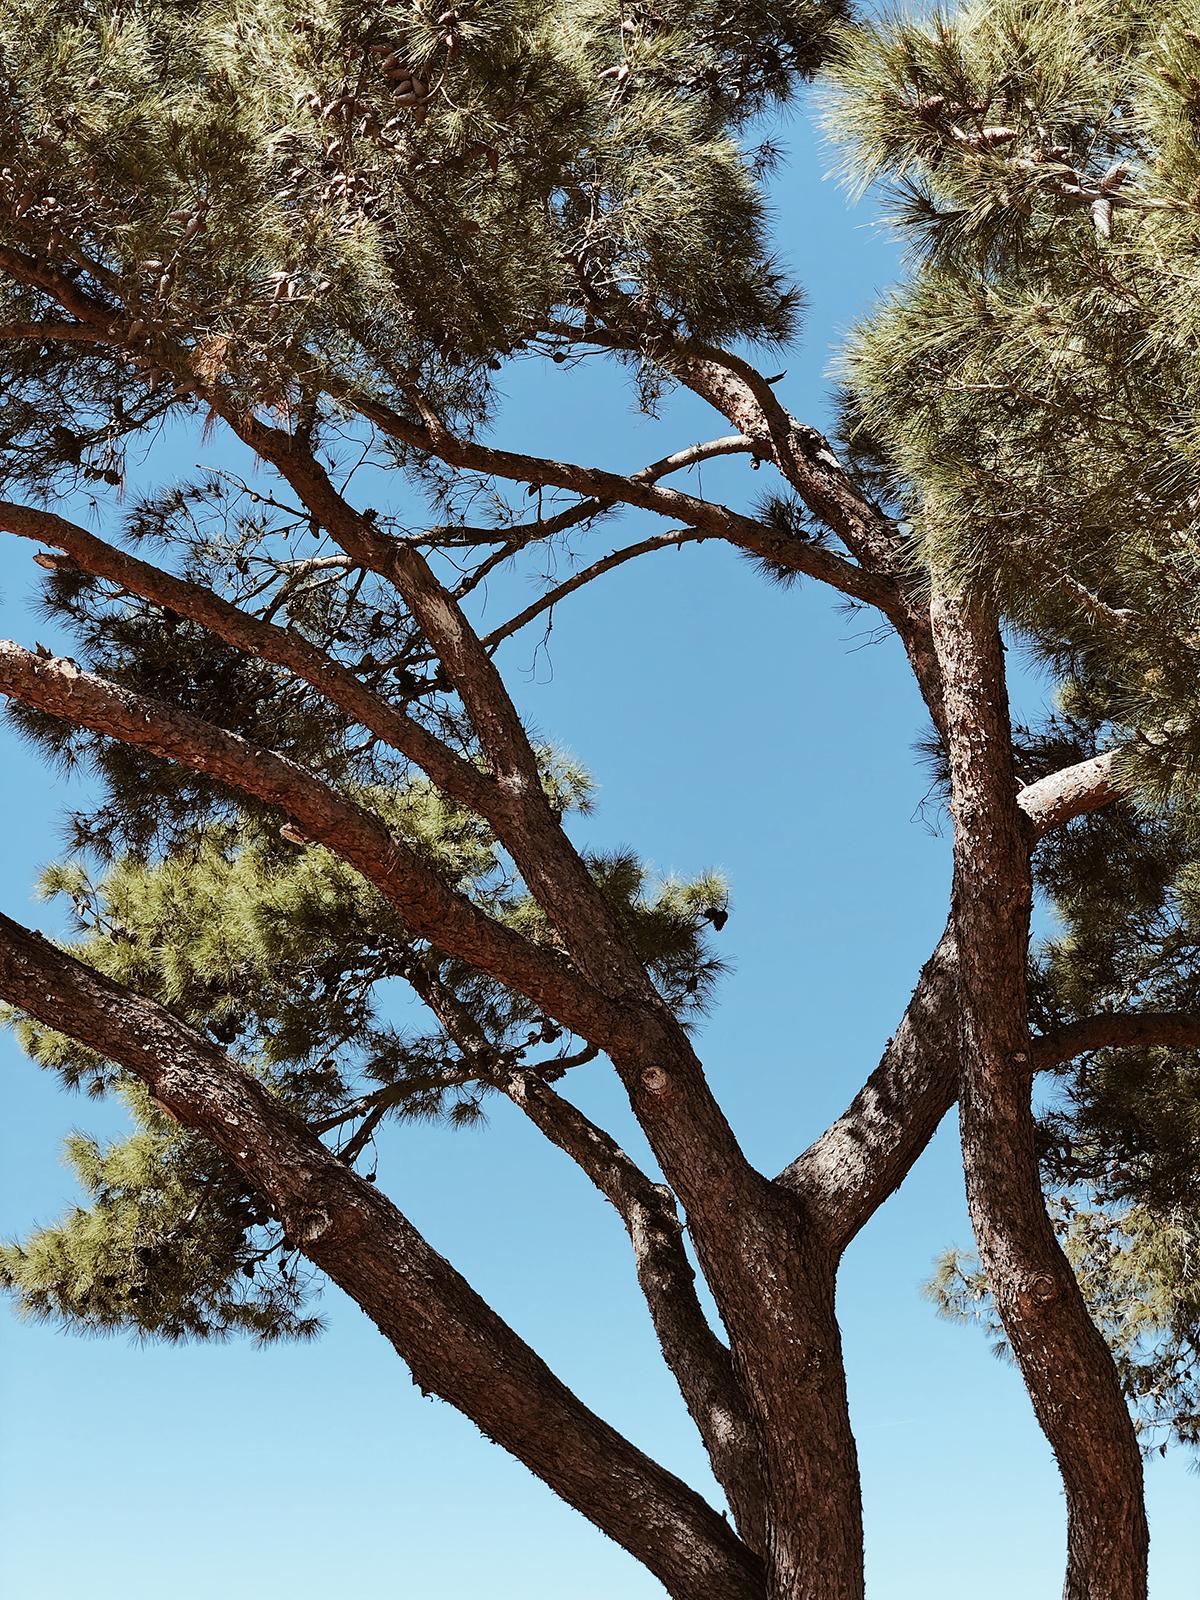 ohranimo-naravo-čisto-in-neokrnjeno-lili-in-roza-blog-skrb-za-okolje-gozd-21.JPG